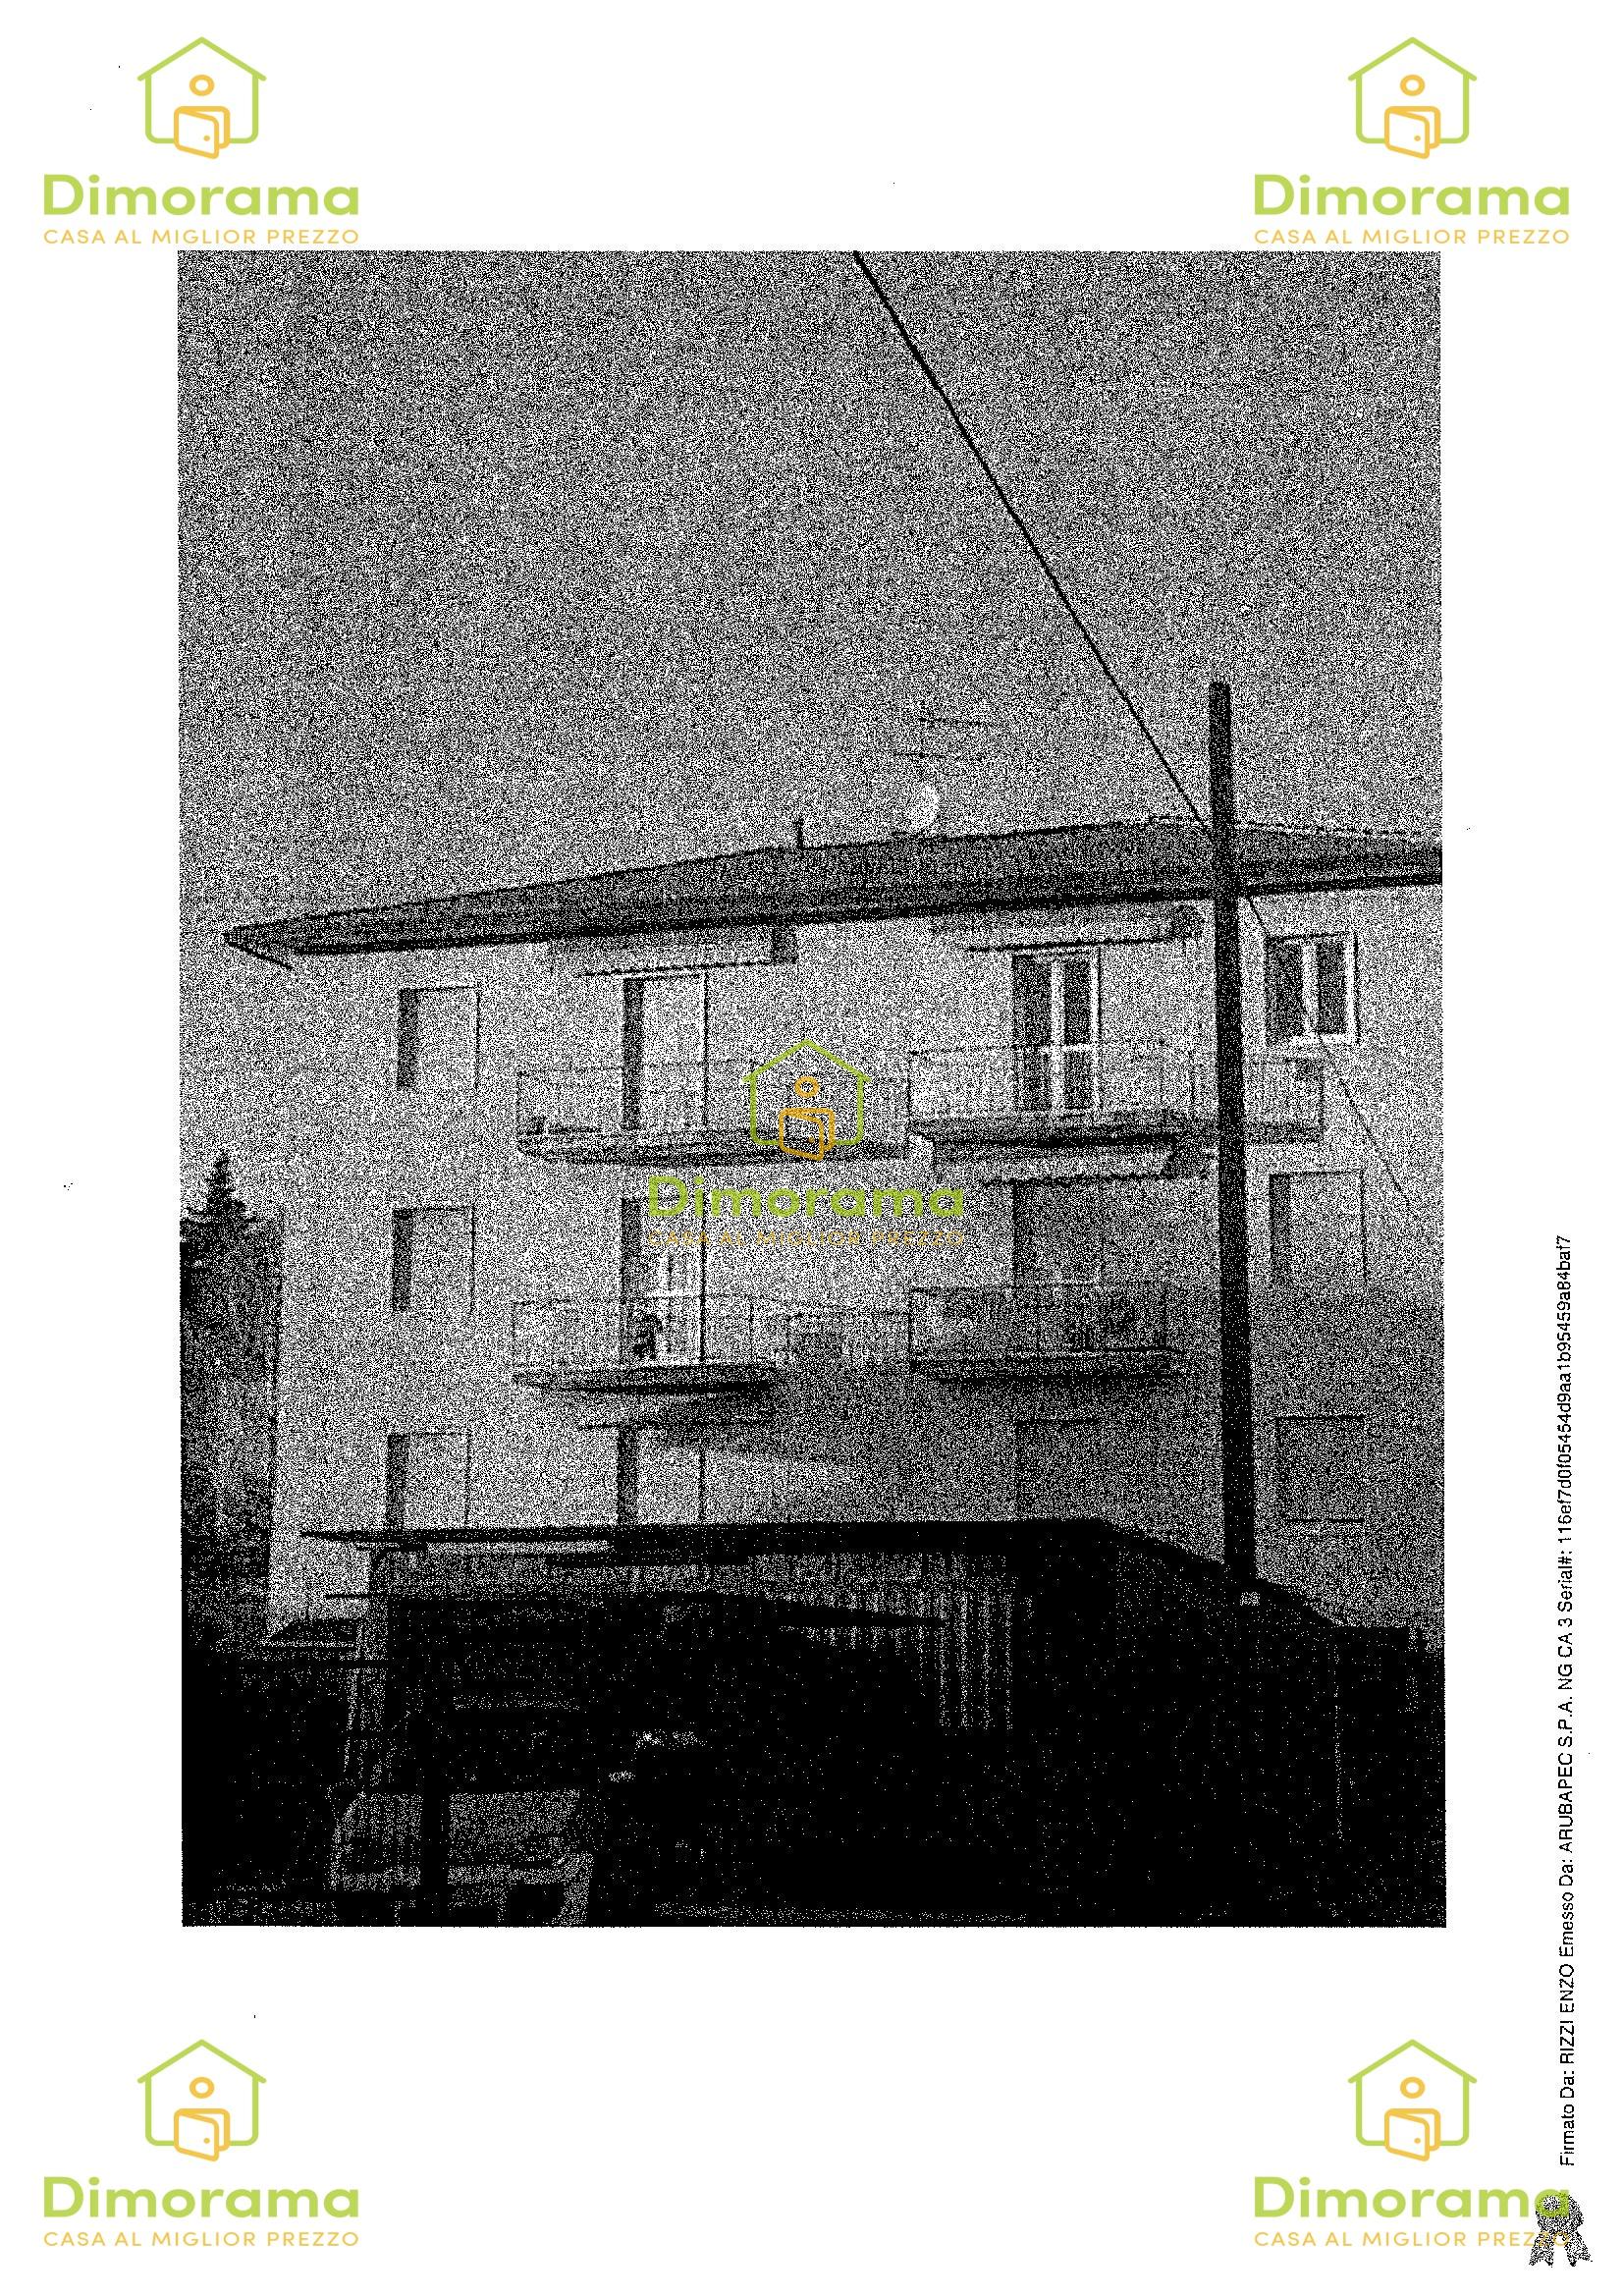 Appartamento in vendita Via Silvio Pellico n. 59 Arcisate